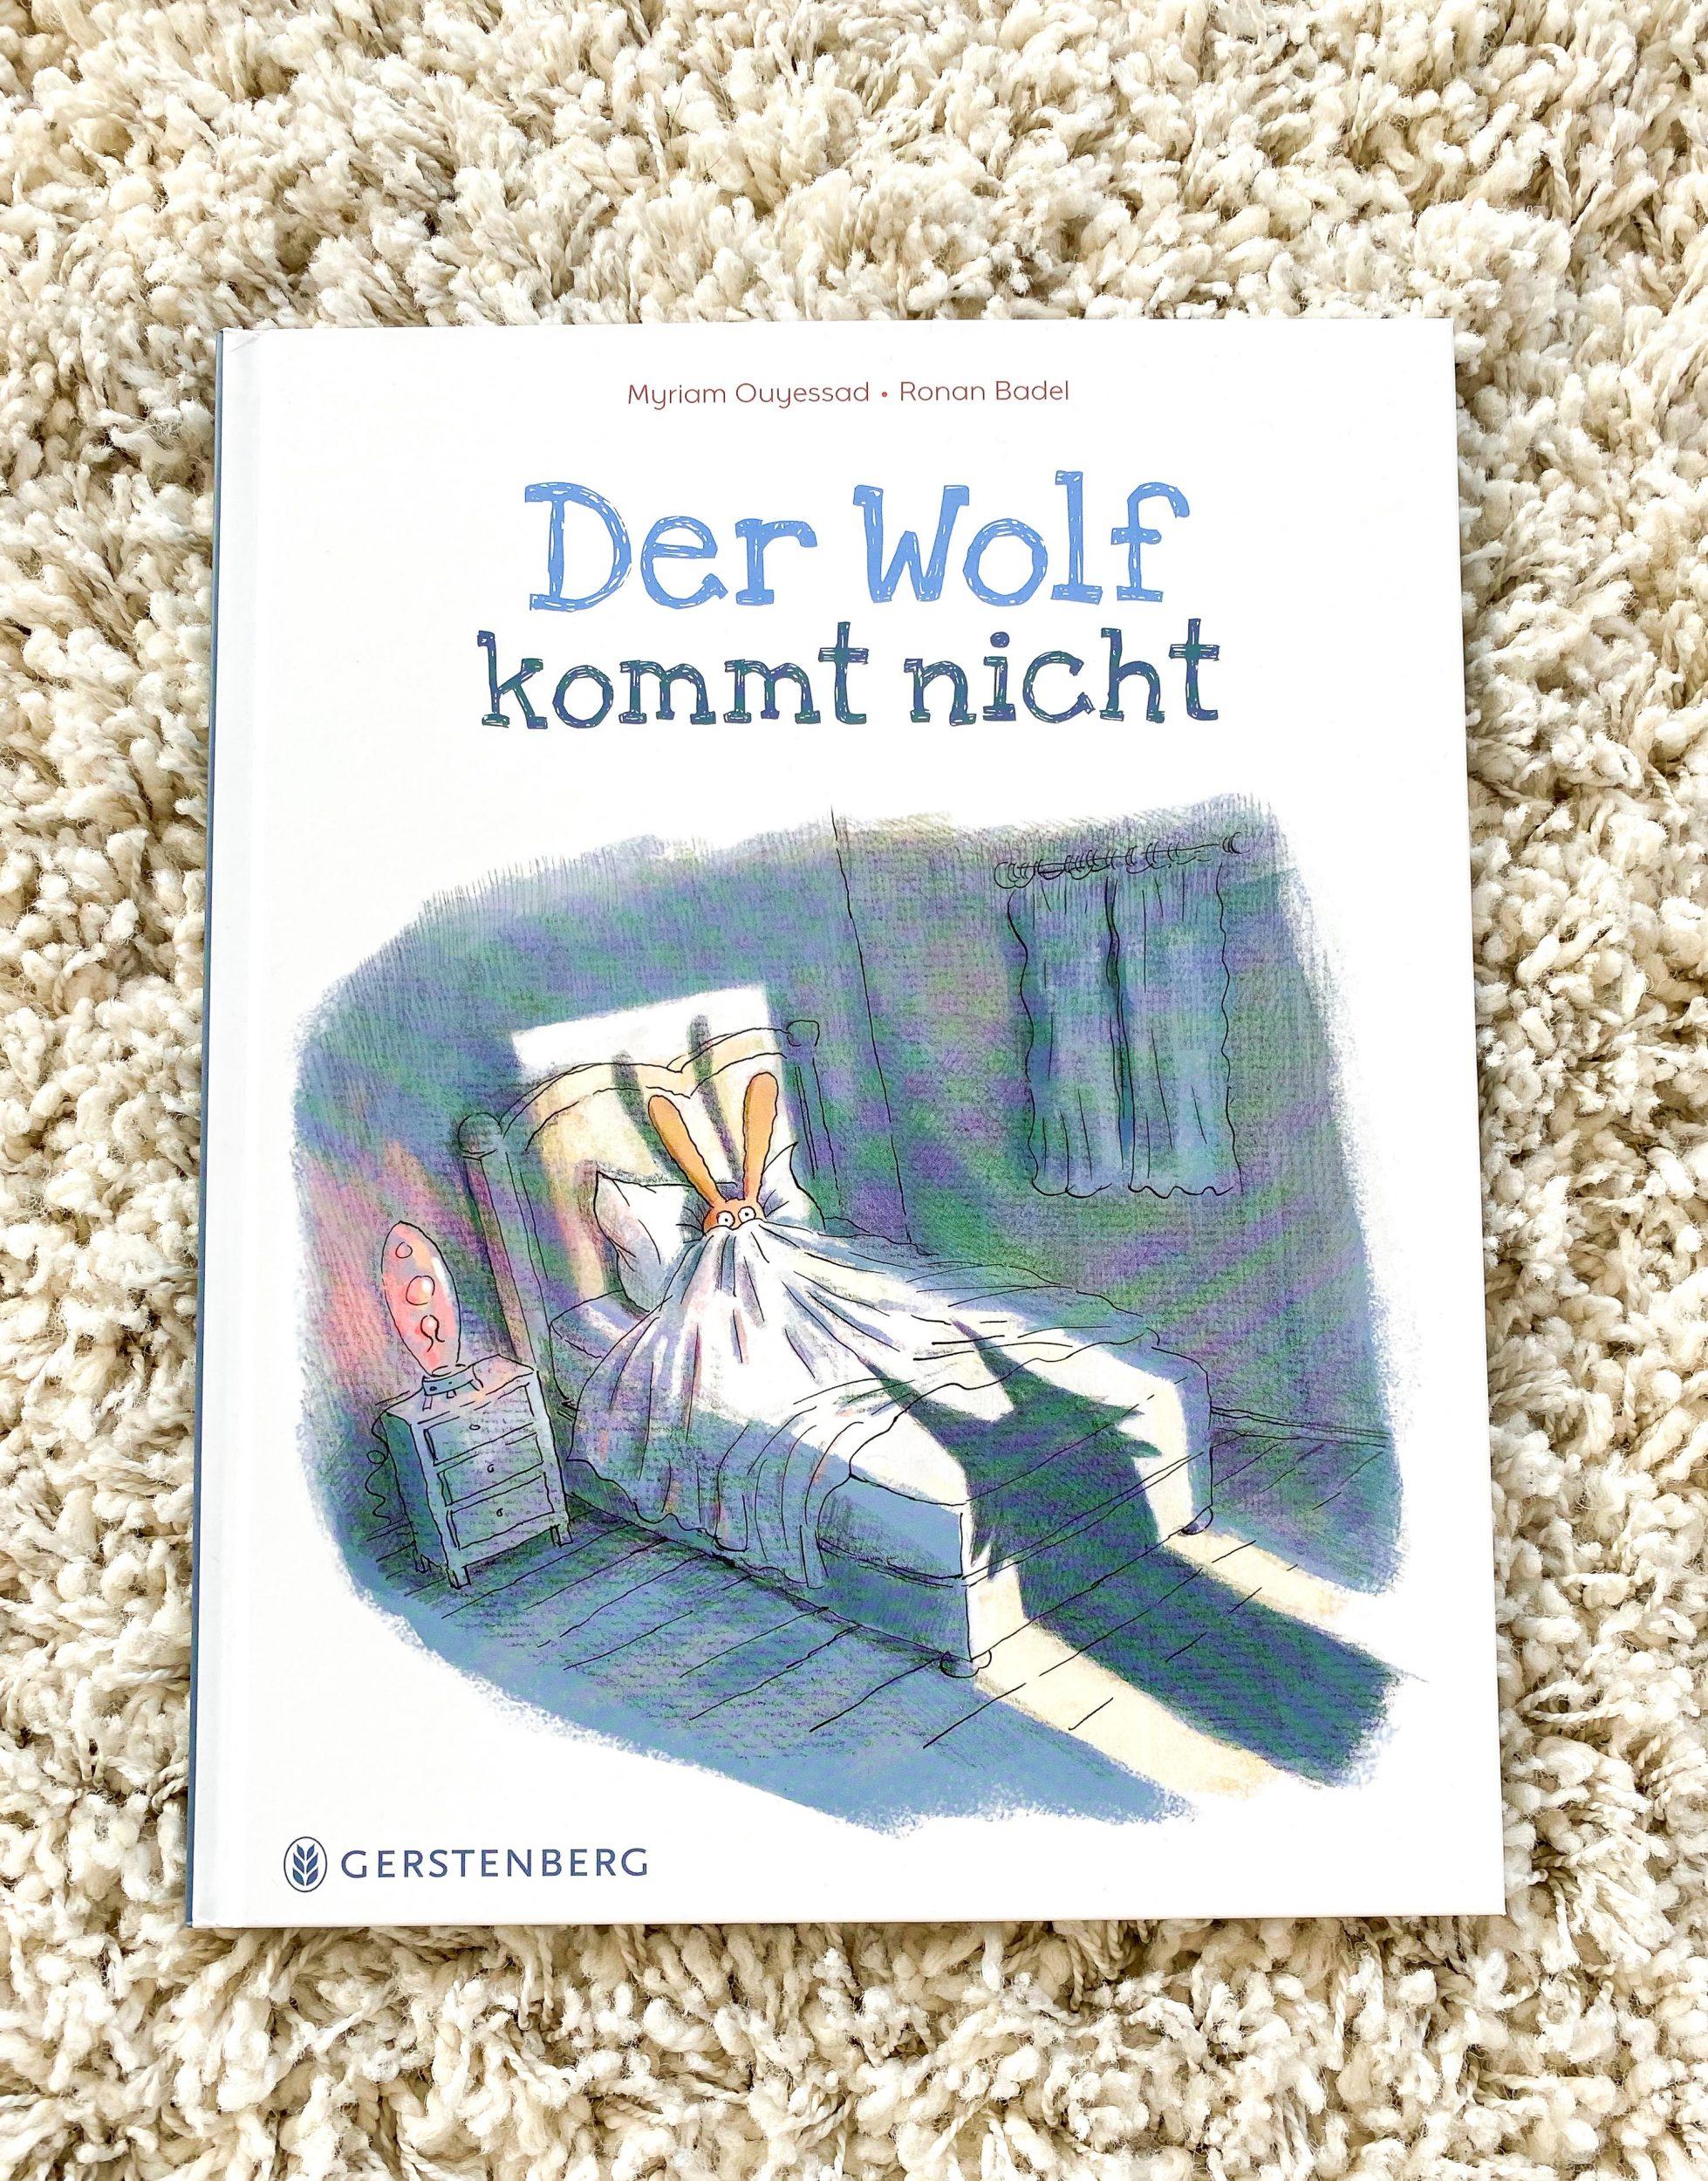 Der Wolf kommt nicht von Myriam Ouyessad und Ronan Badel